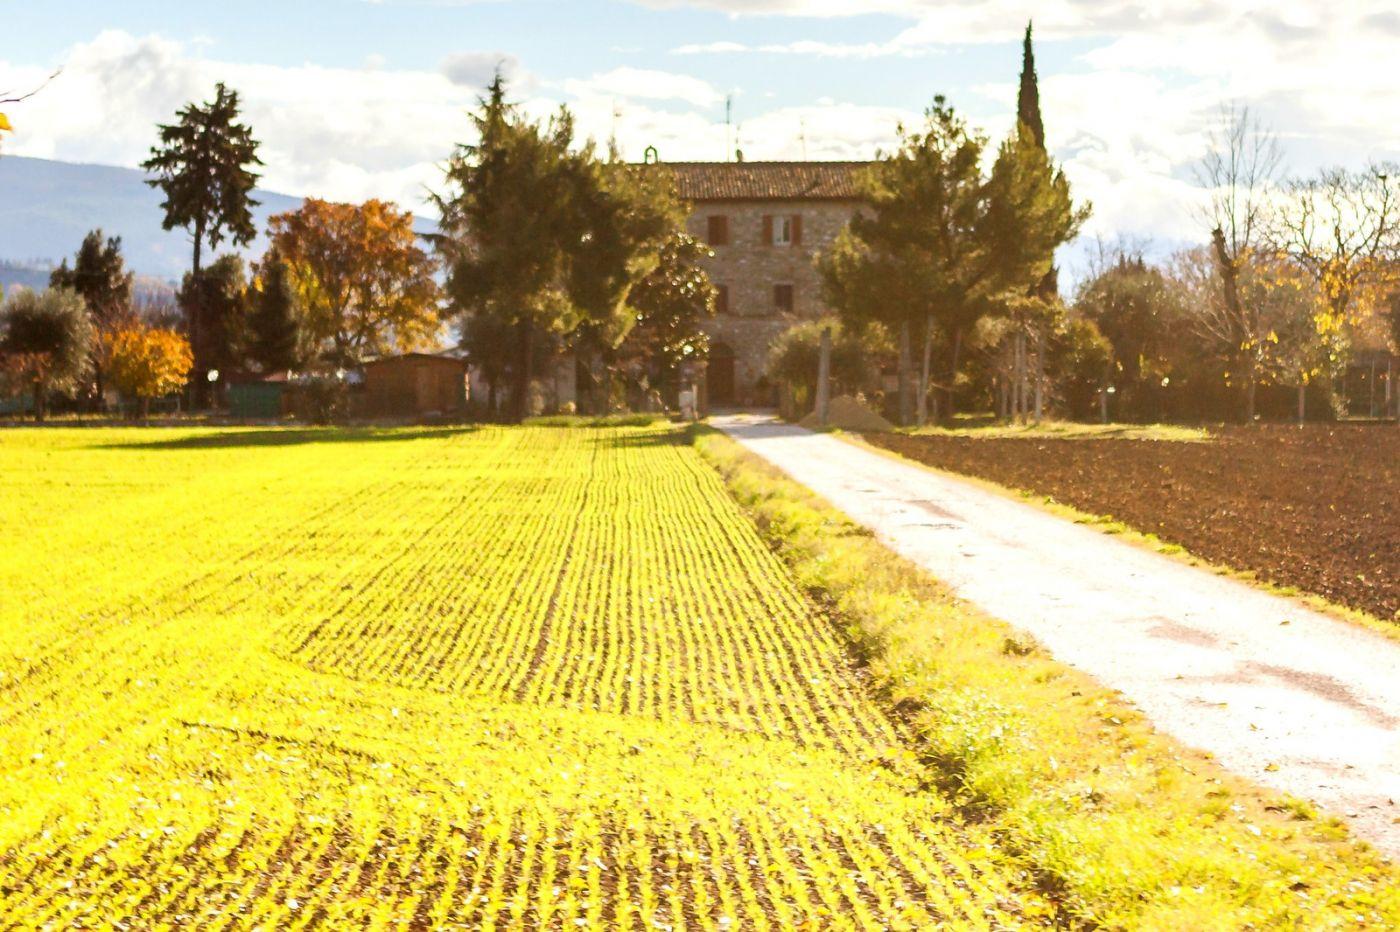 意大利路途,这就是乡村生活?_图1-33